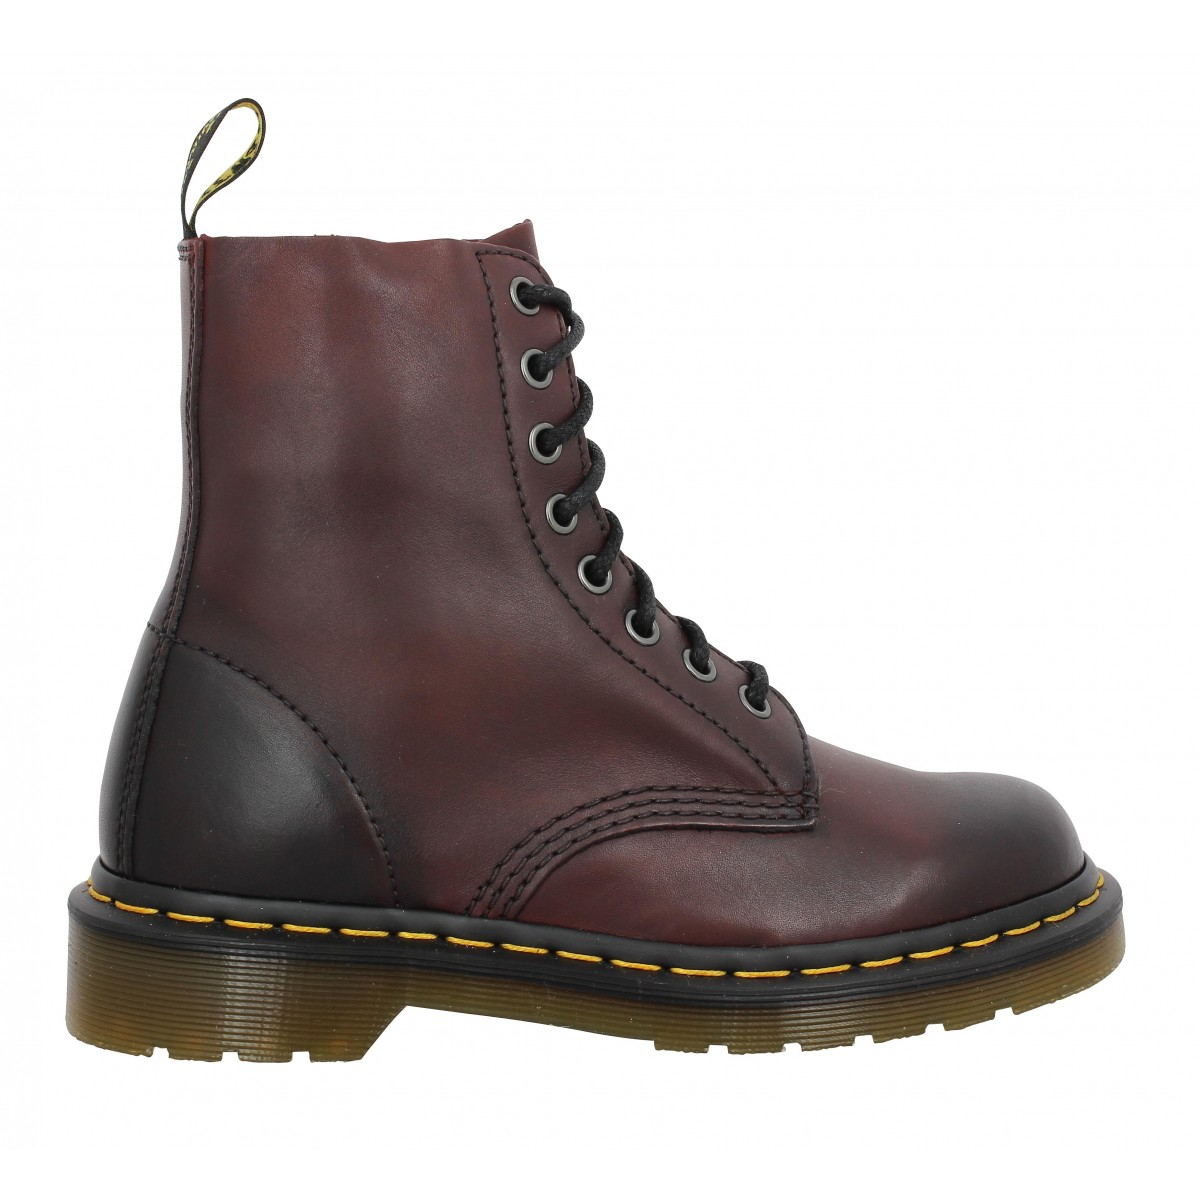 HAVAIANAS Boots cuir à lacets Pascal achat Vente Pas Cher Explorer Confortable Vente En Ligne Faux Pas Cher En Ligne Faible Coût Pas Cher En Ligne eLU6Lw